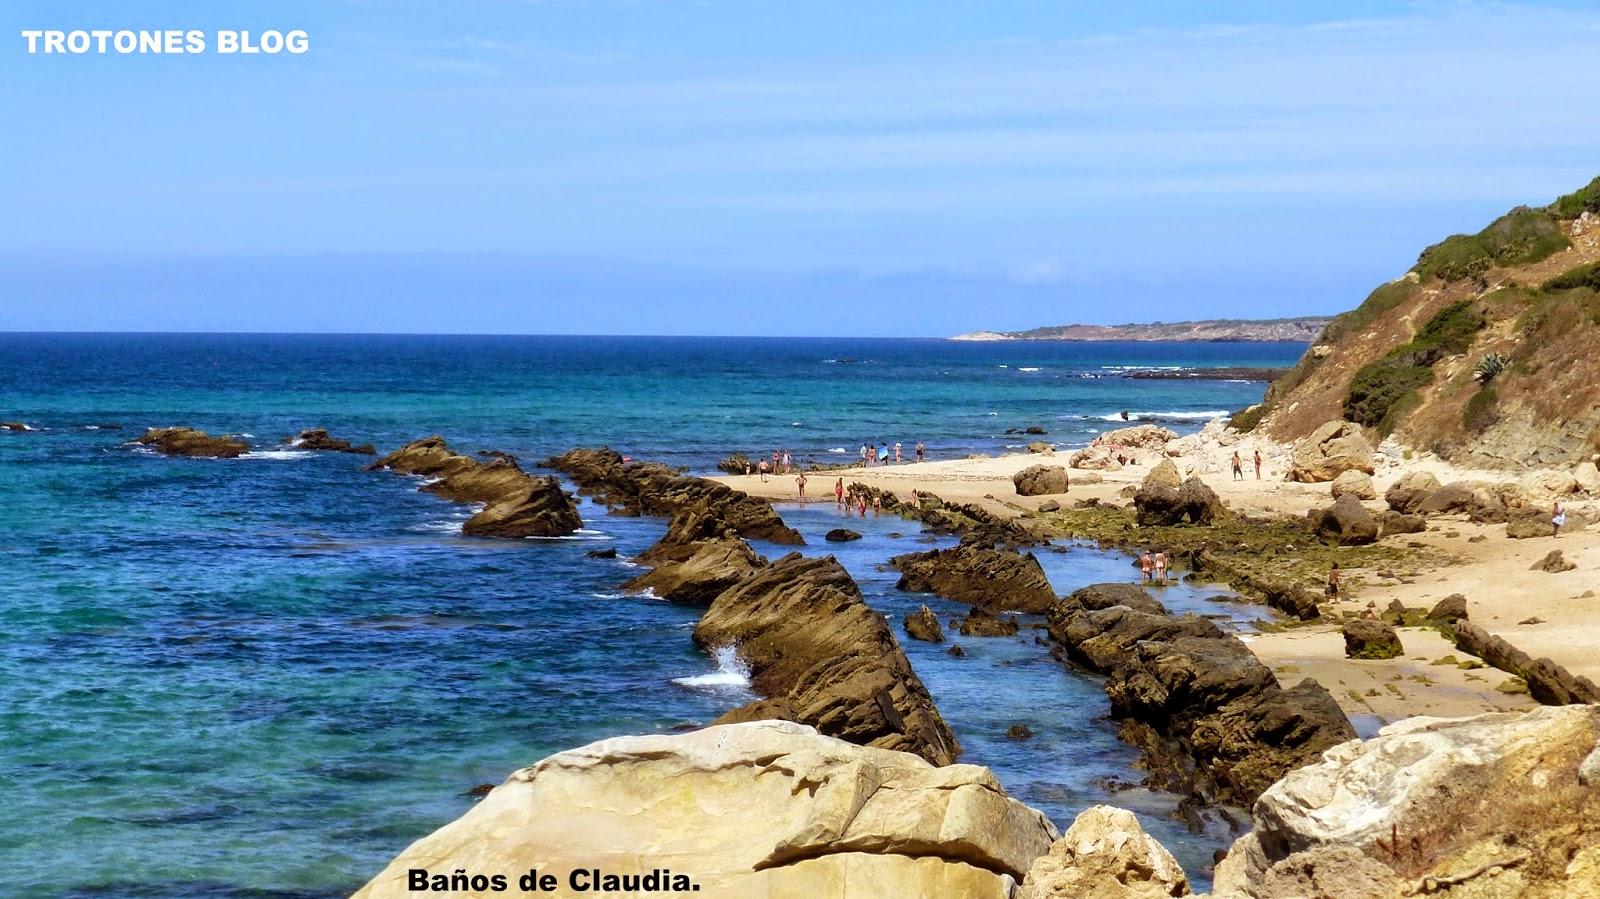 Trotones blog vereda de la reginosa punta paloma ba os de for Piscinas naturales bolonia cadiz